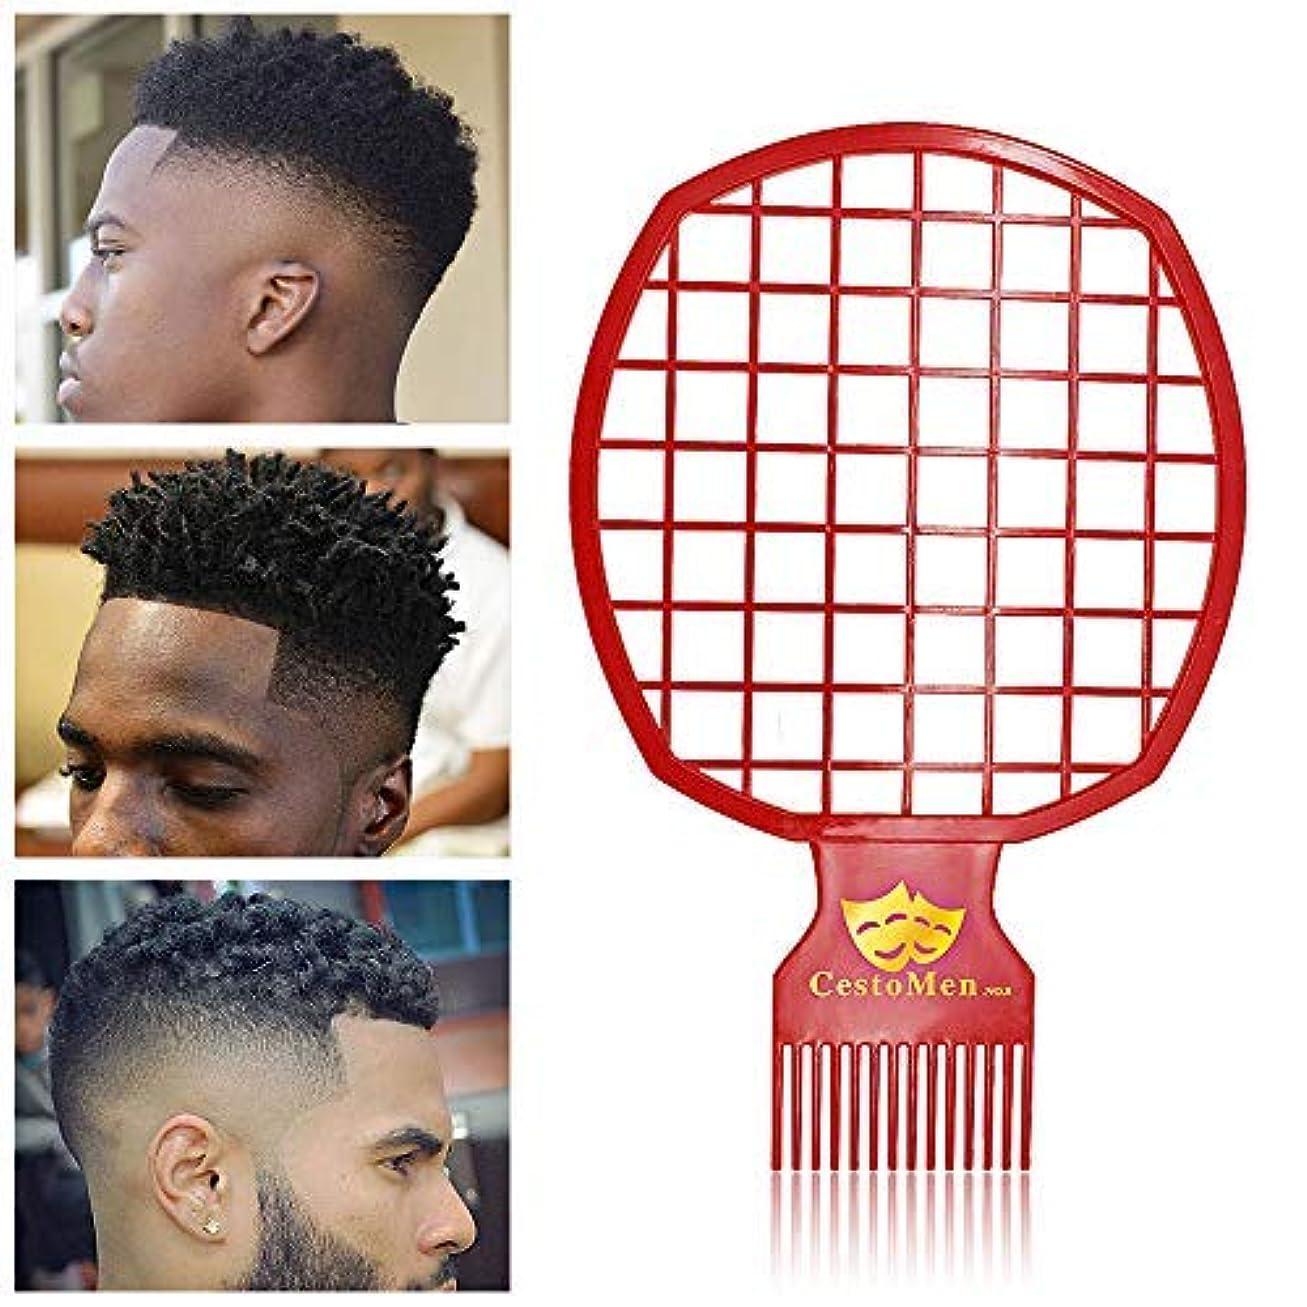 先住民きしむバンクAfro & Twist Comb for Natural Hair & Dreads, Curl Hair and Weave Dreadlocks, Afro Hair Coil Pick Combs for Men, Barber and Personal Use, Super Easy to Clean (Red) [並行輸入品]